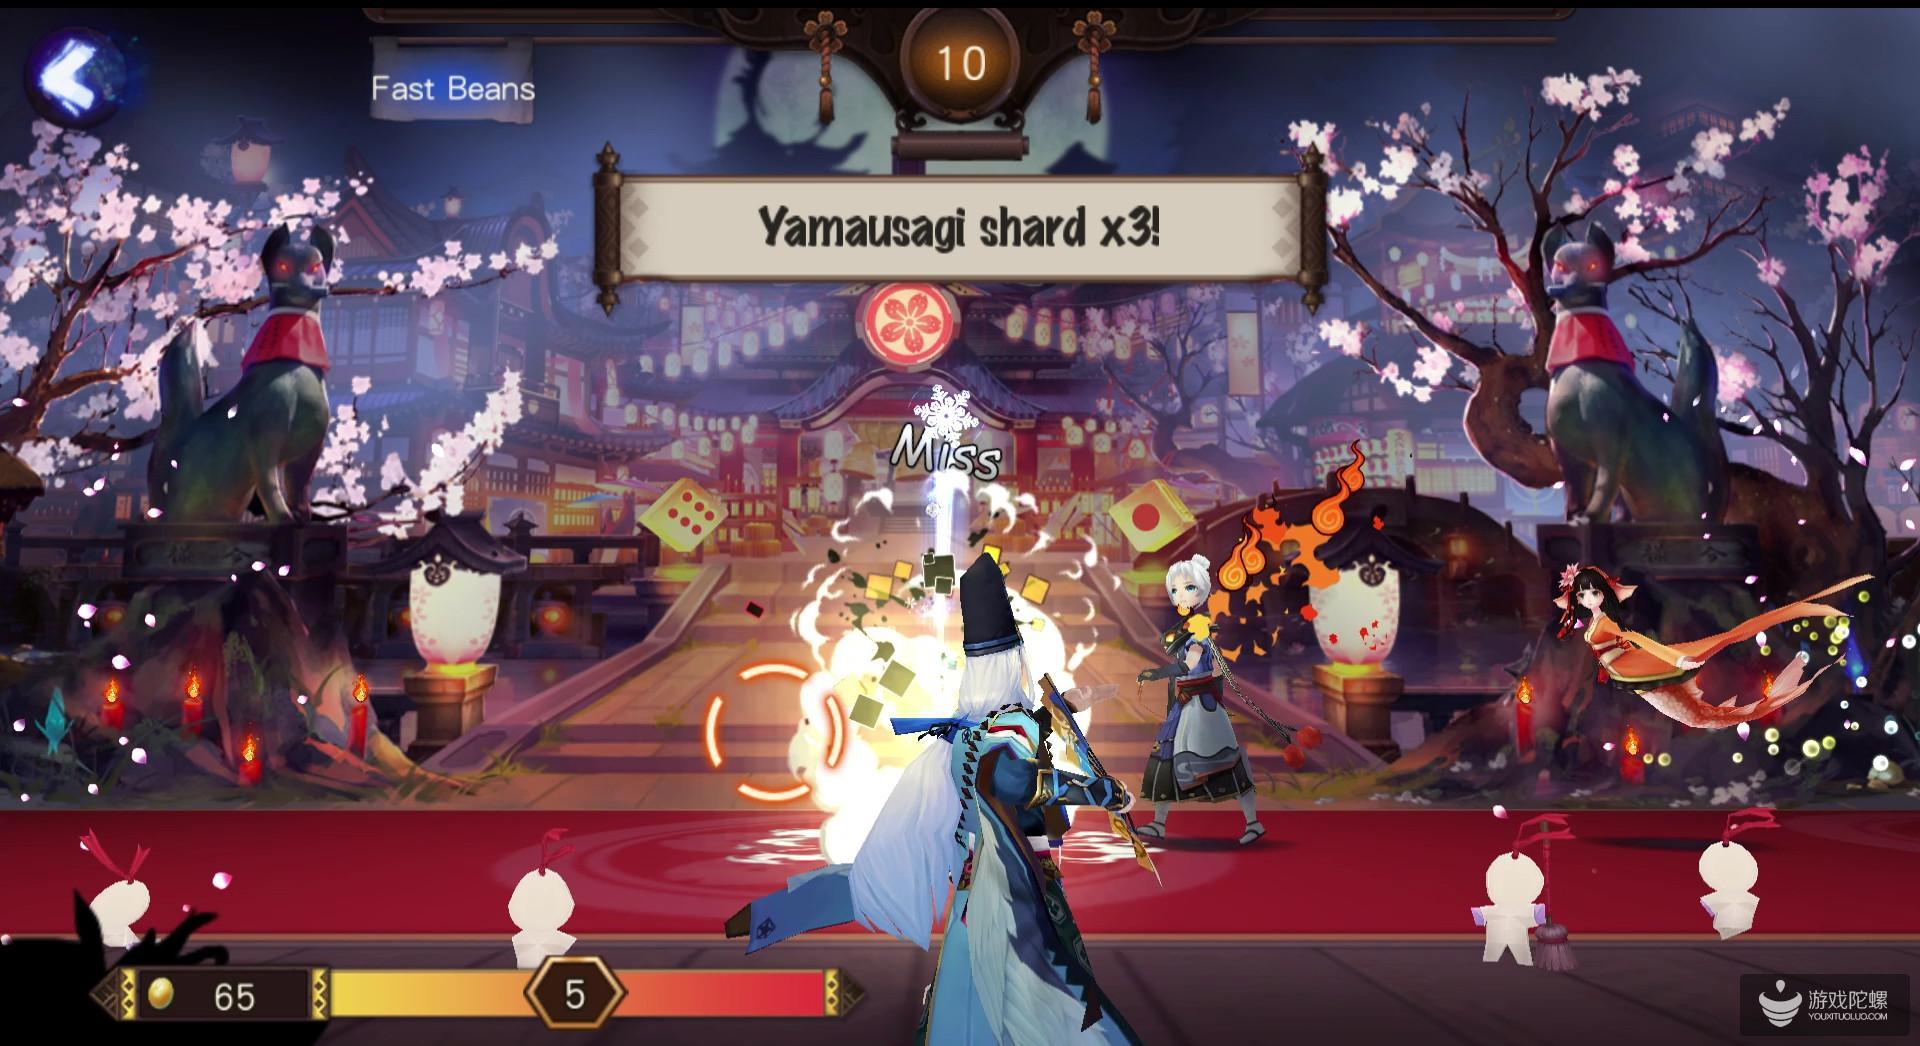 网易《阴阳师》即将登陆Steam:抢先版定价4.99美元,目前不支持中文